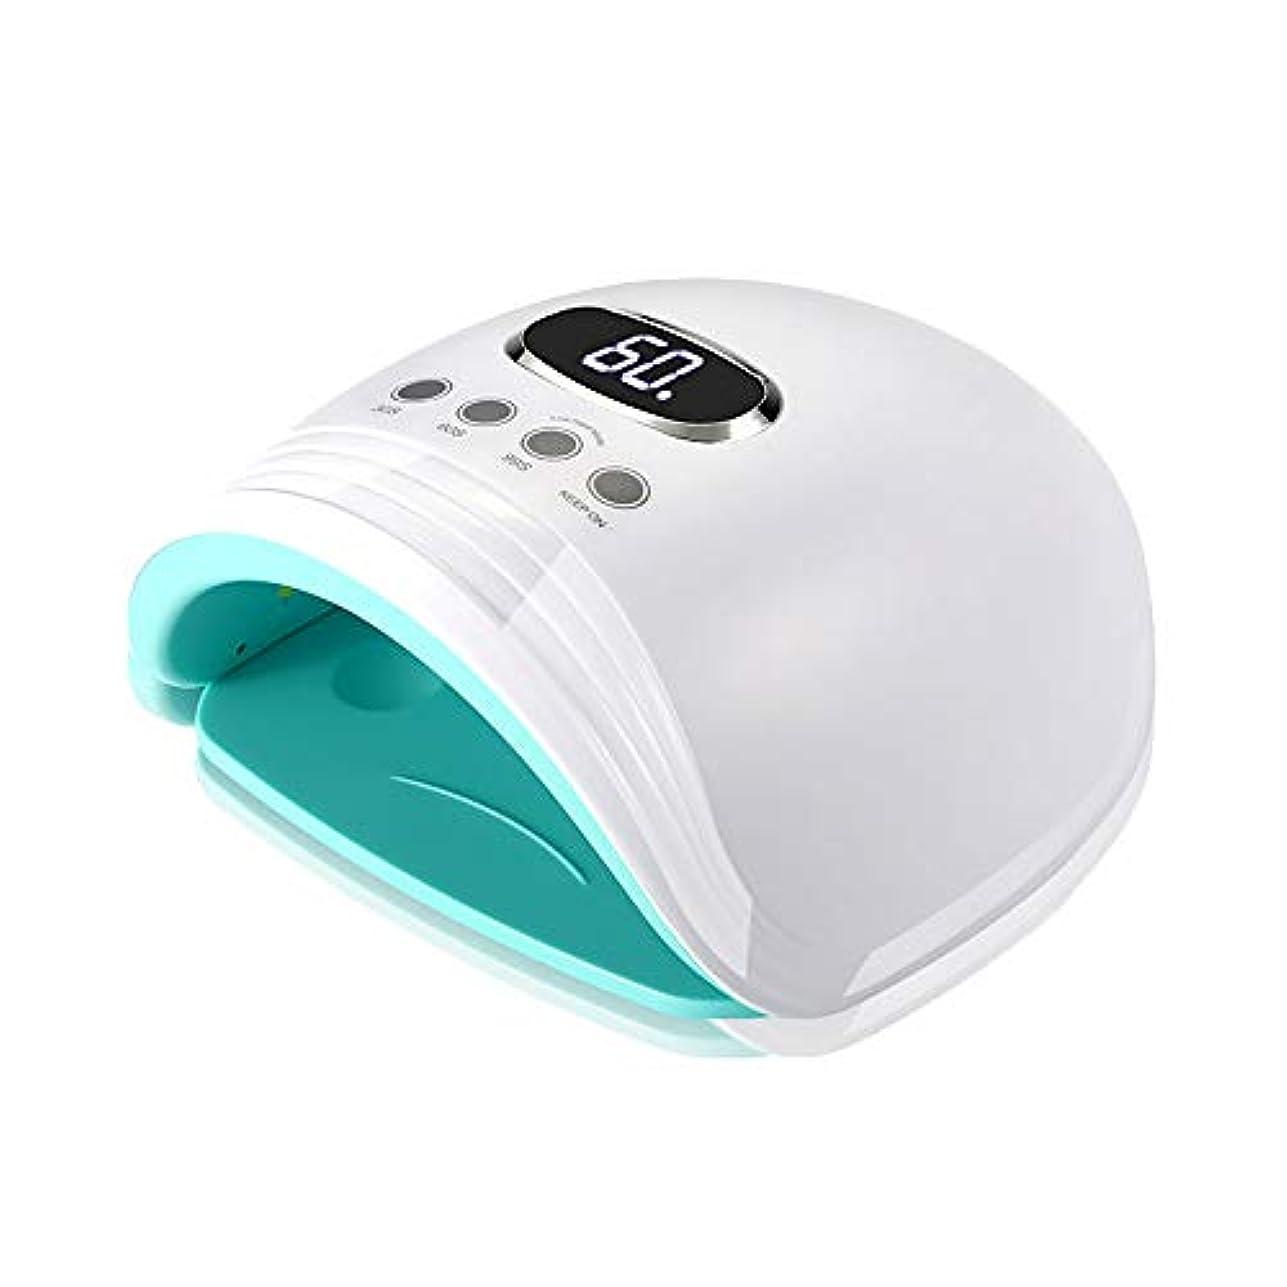 マイク田舎犯人釘のドライヤー - 自動赤外線センサー、二重光源のLEDランプのゲルのドライヤーのマニキュアが付いている紫外線携帯用LEDの釘ランプ